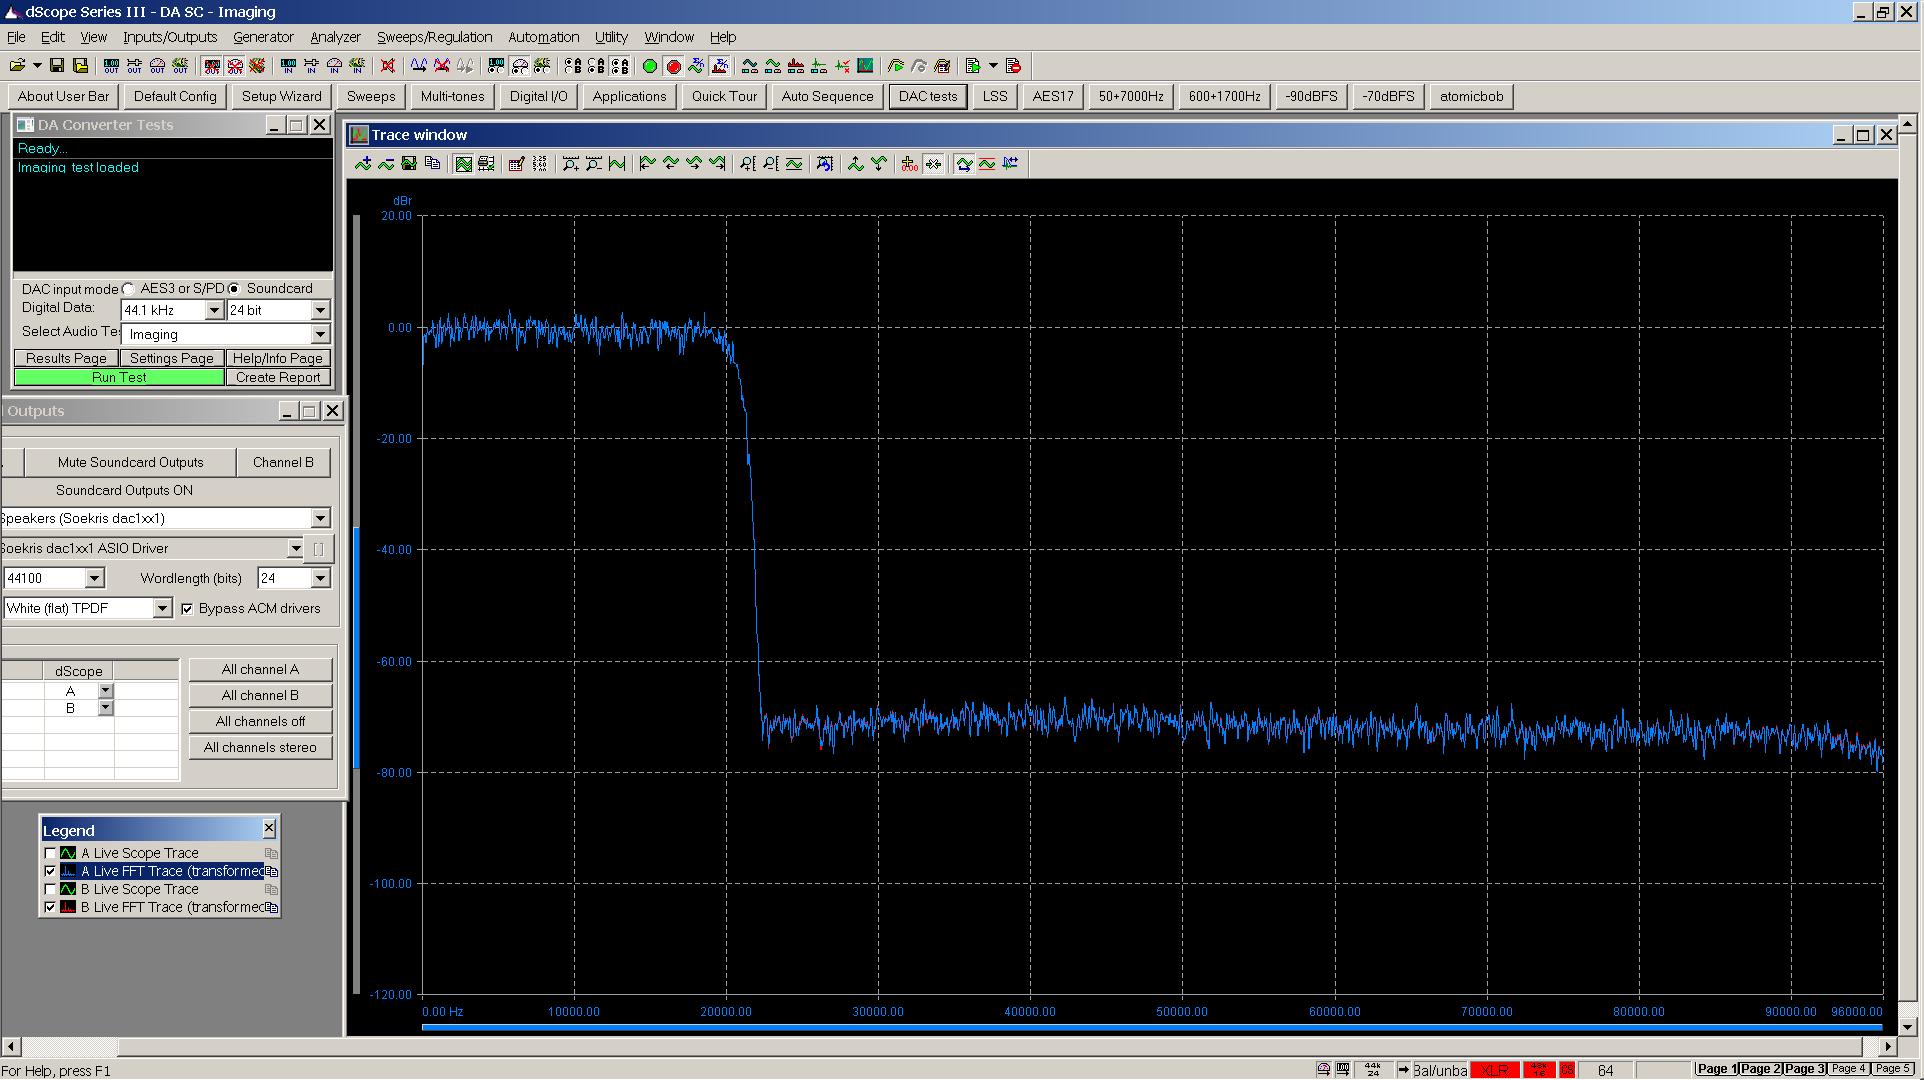 14 Bal imaging 300R.PNG